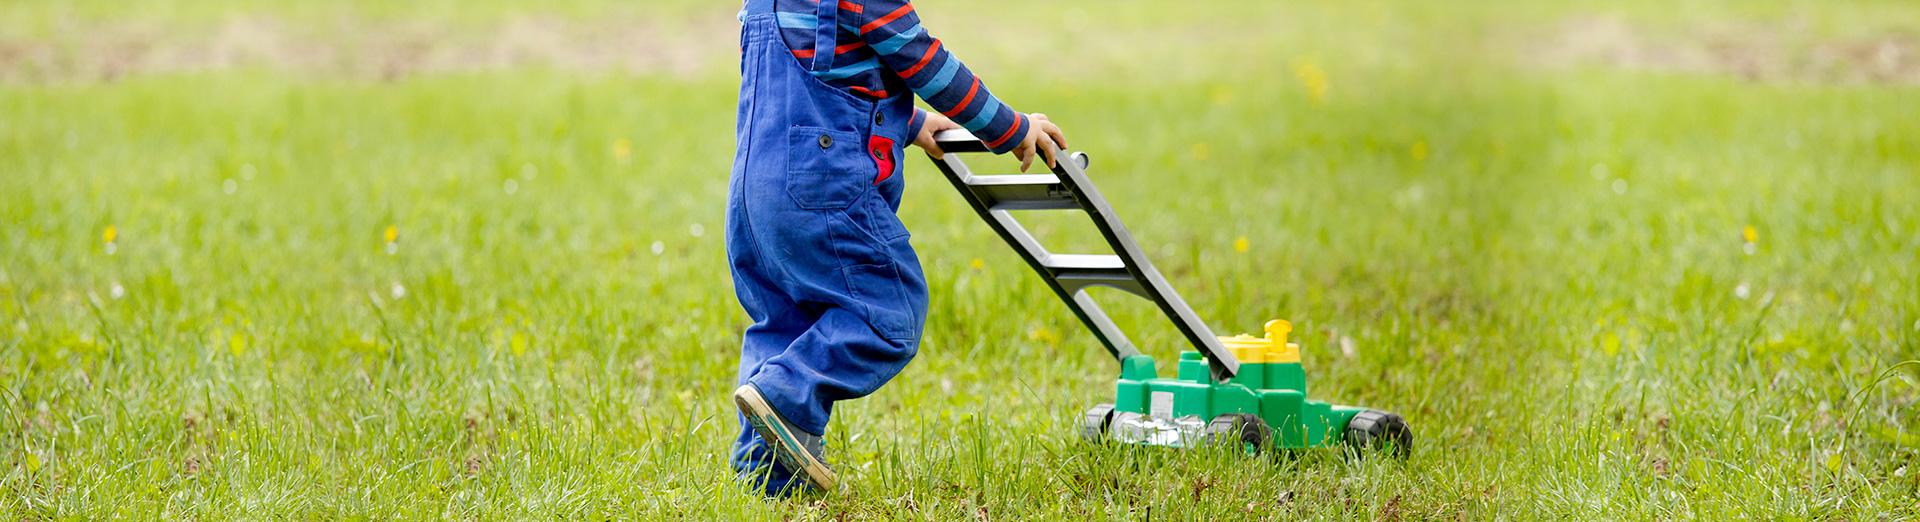 Kind schiebt einen Spielzeugrasenmäher über die Wiese